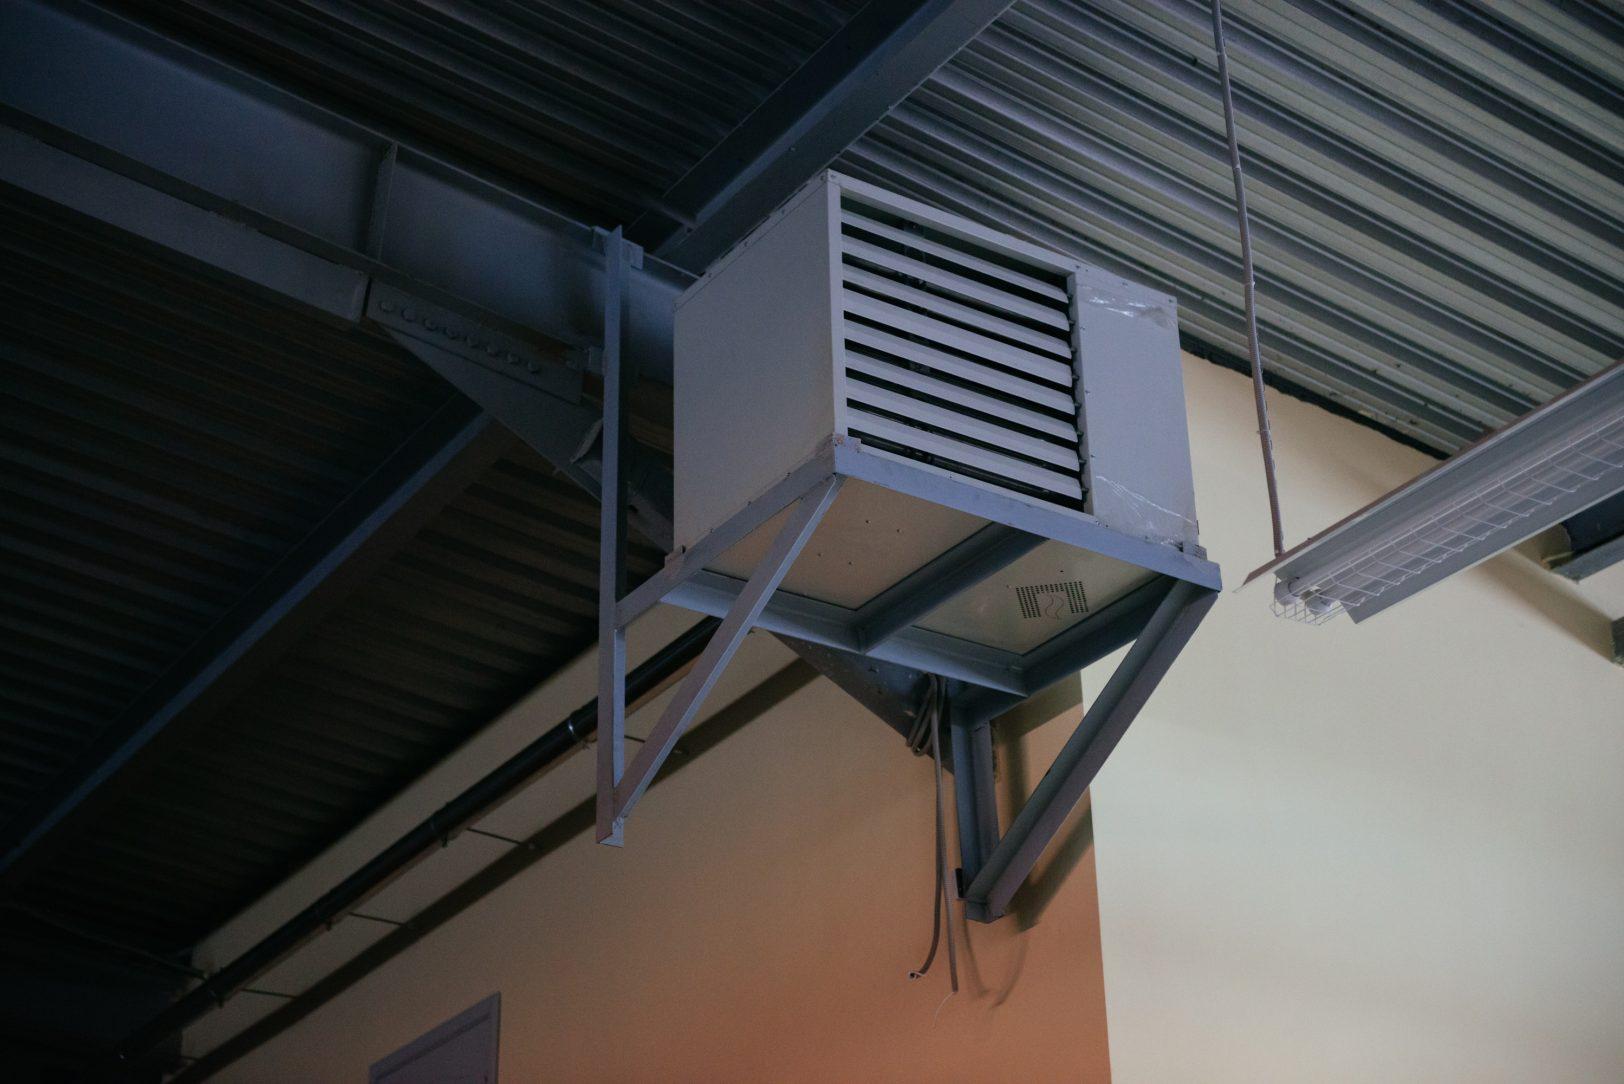 Воздушное отопление в саратове